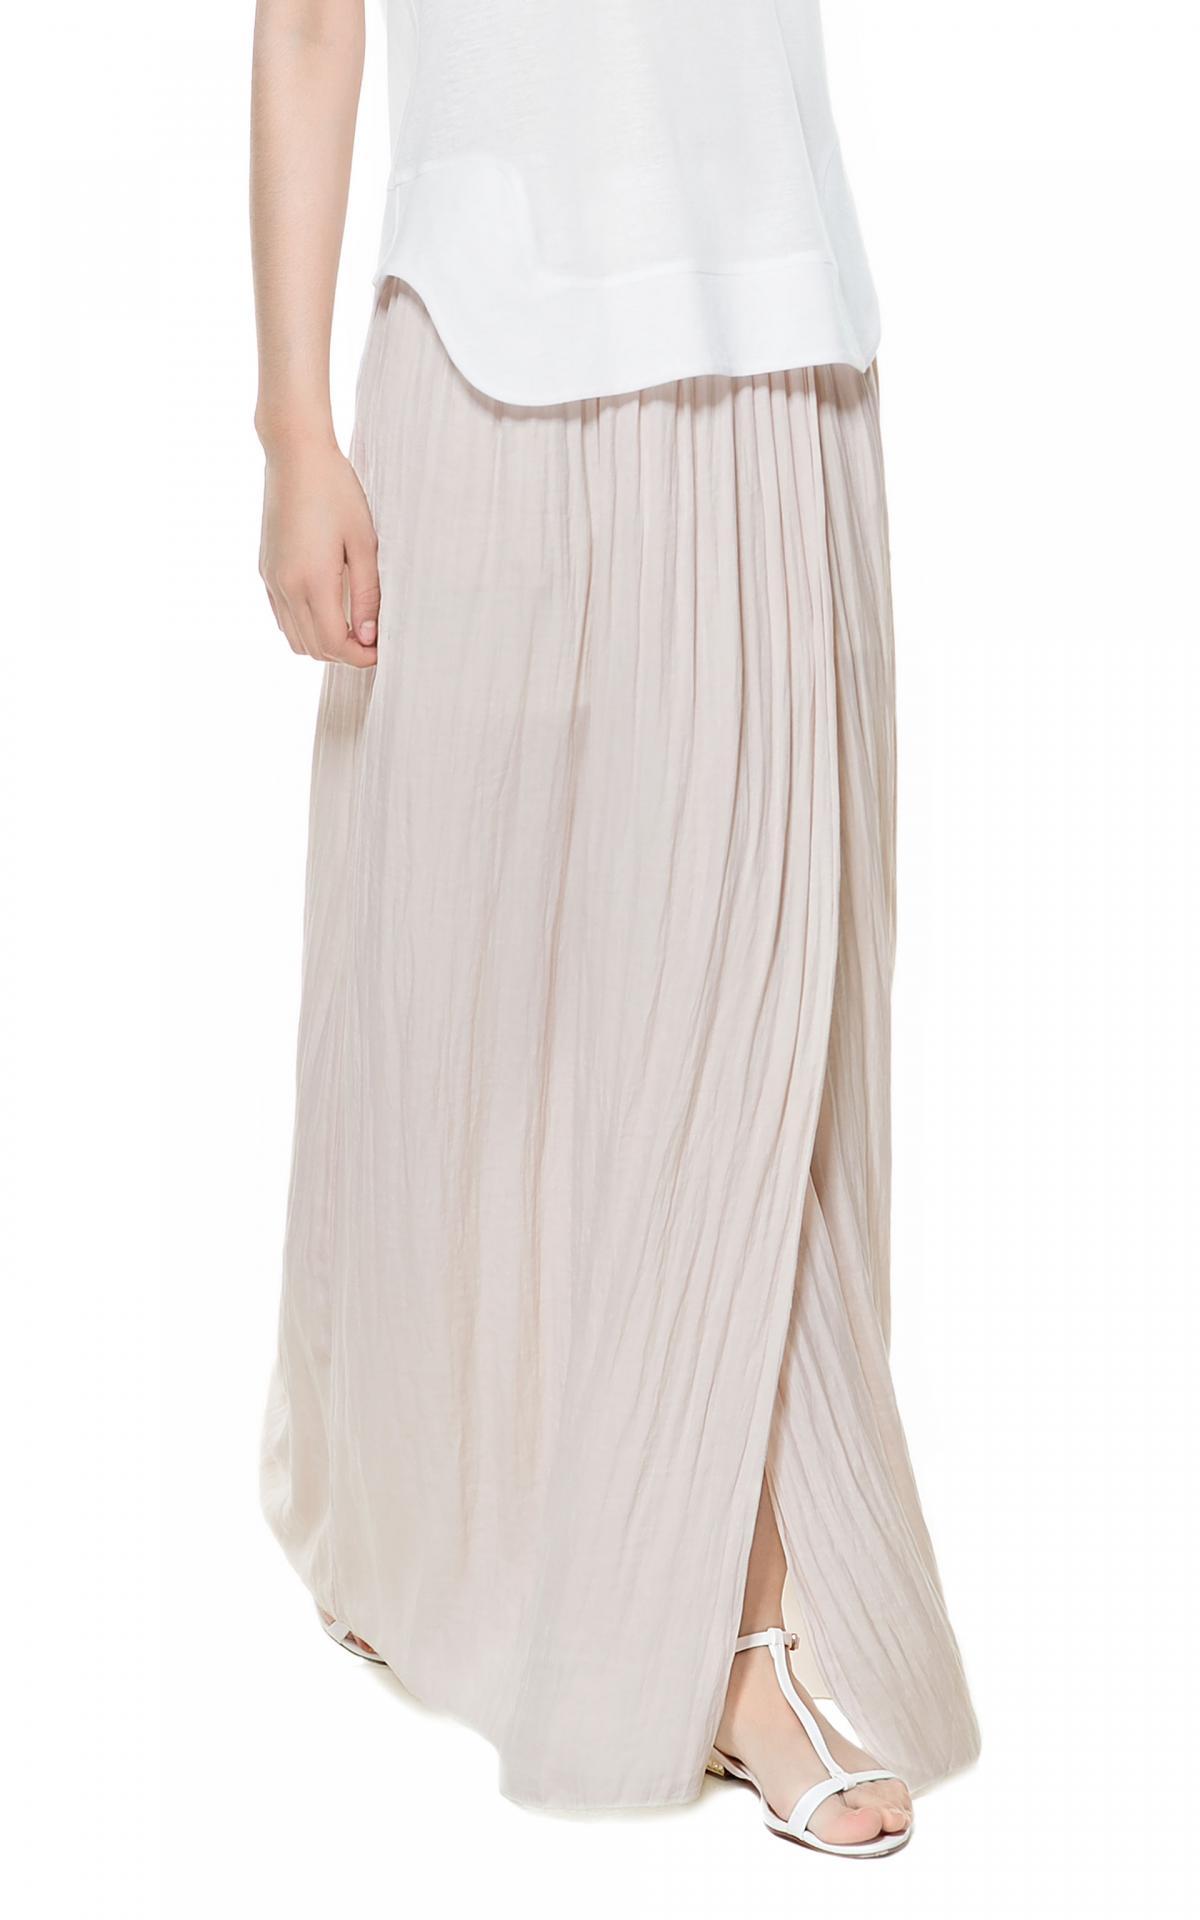 Maksymalnie modne - maksymalnie długie spódnice